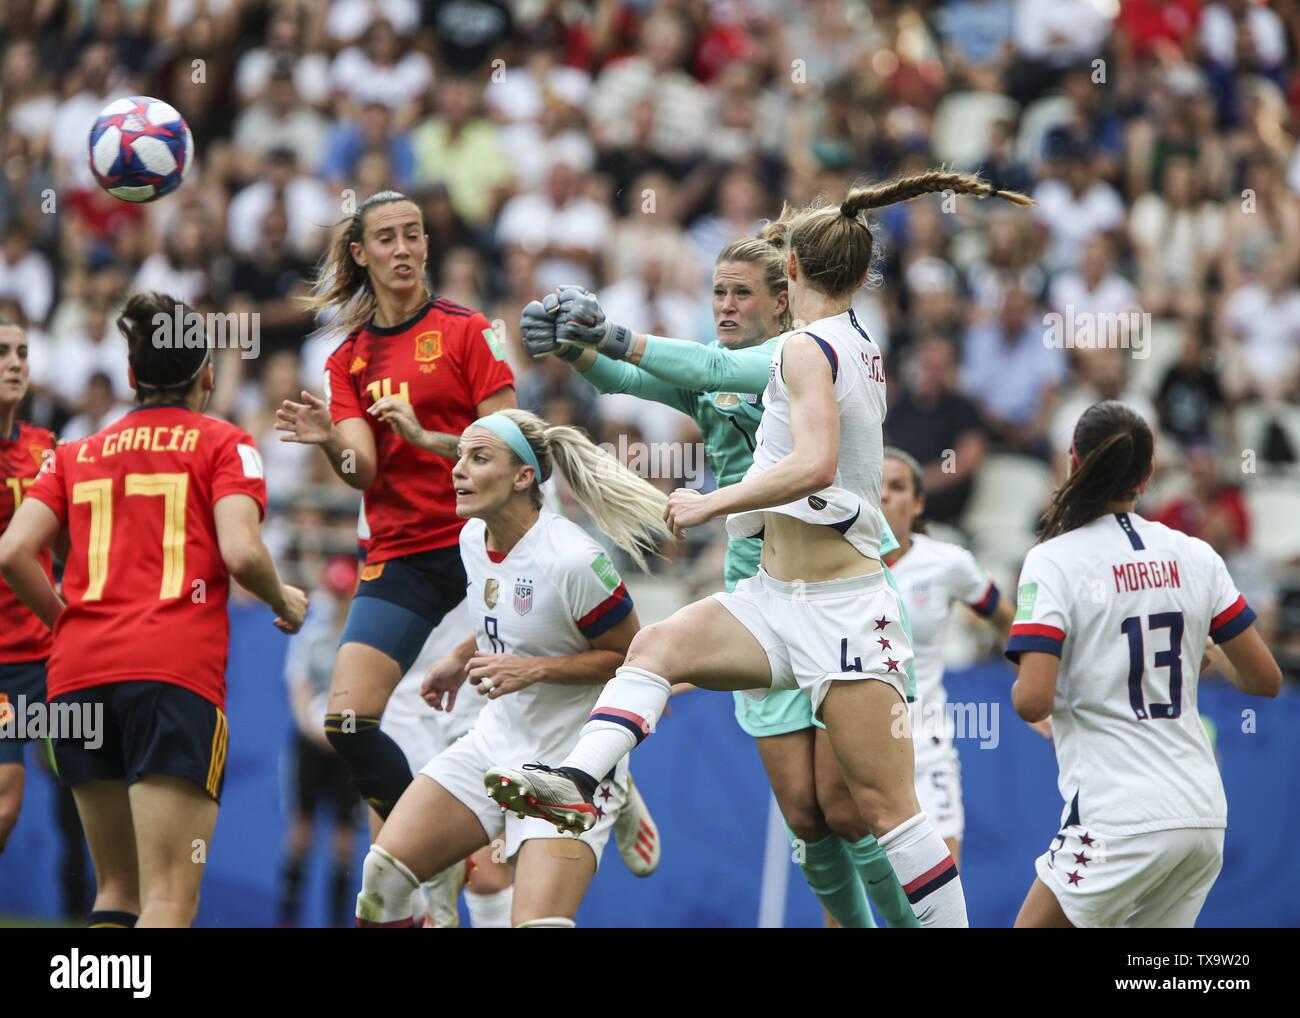 Junio 24, 2019 - Alyssa Naeher; Francia durante la Copa Mundial Femenina 2019 octavos de final del partido de fútbol entre España y EE.UU., el 24 de junio de 2019, en el estadio Auguste-Delaune en Reims, en el norte de Francia. (Crédito de la Imagen: © Elyxandro CegarraZUMA Wire) Imagen De Stock